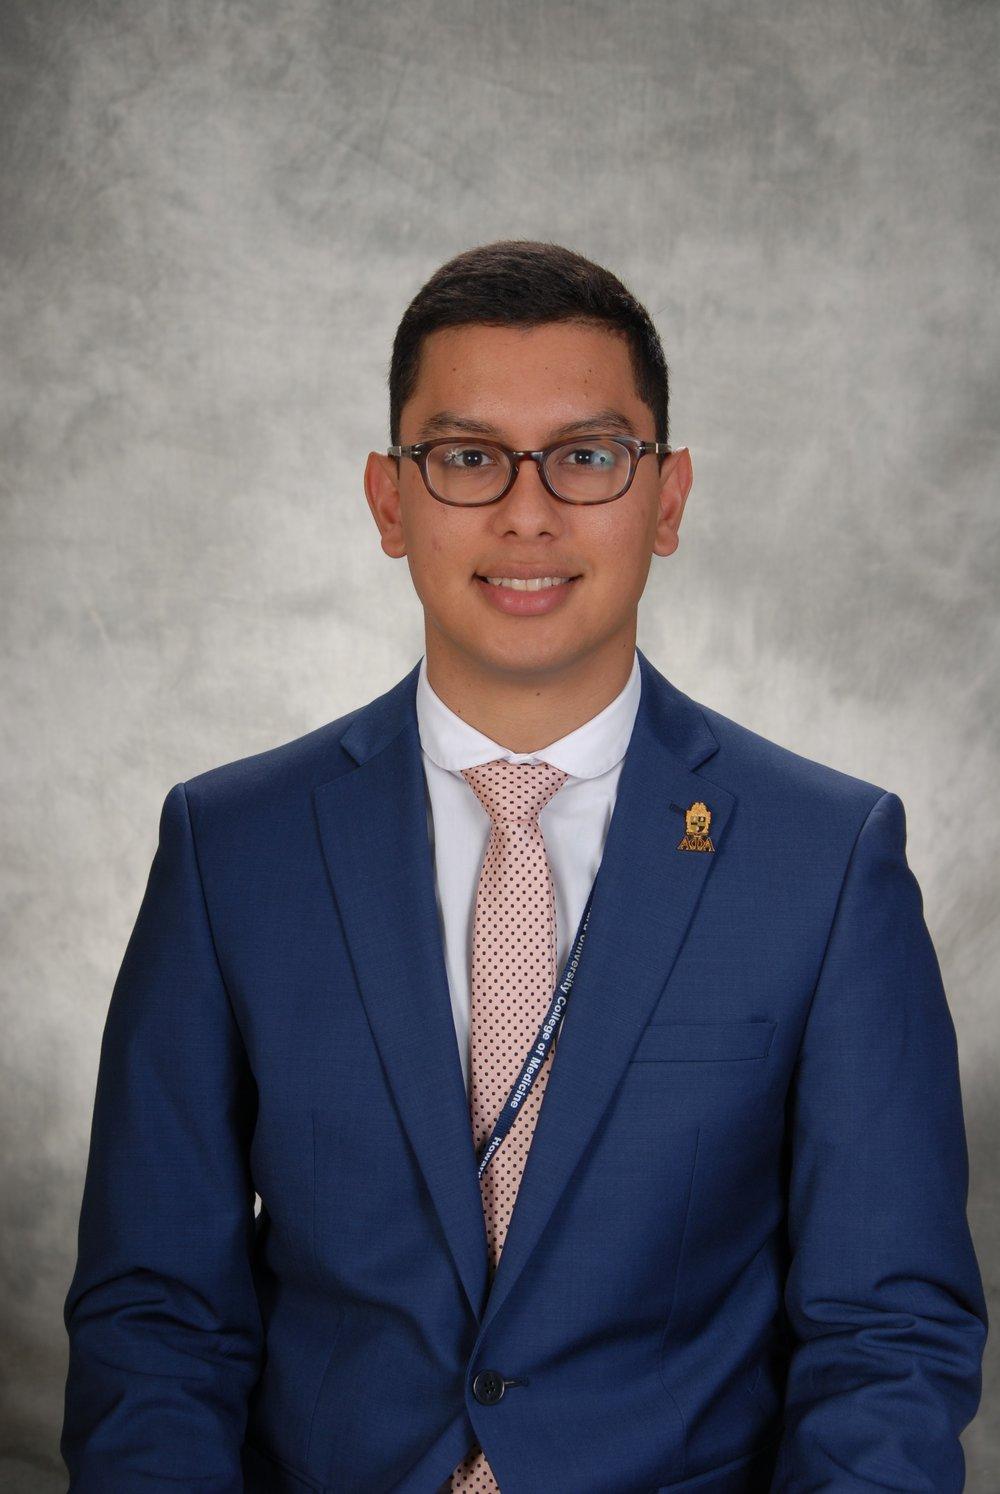 Eduardo Alvarado - Vp of Fundraising